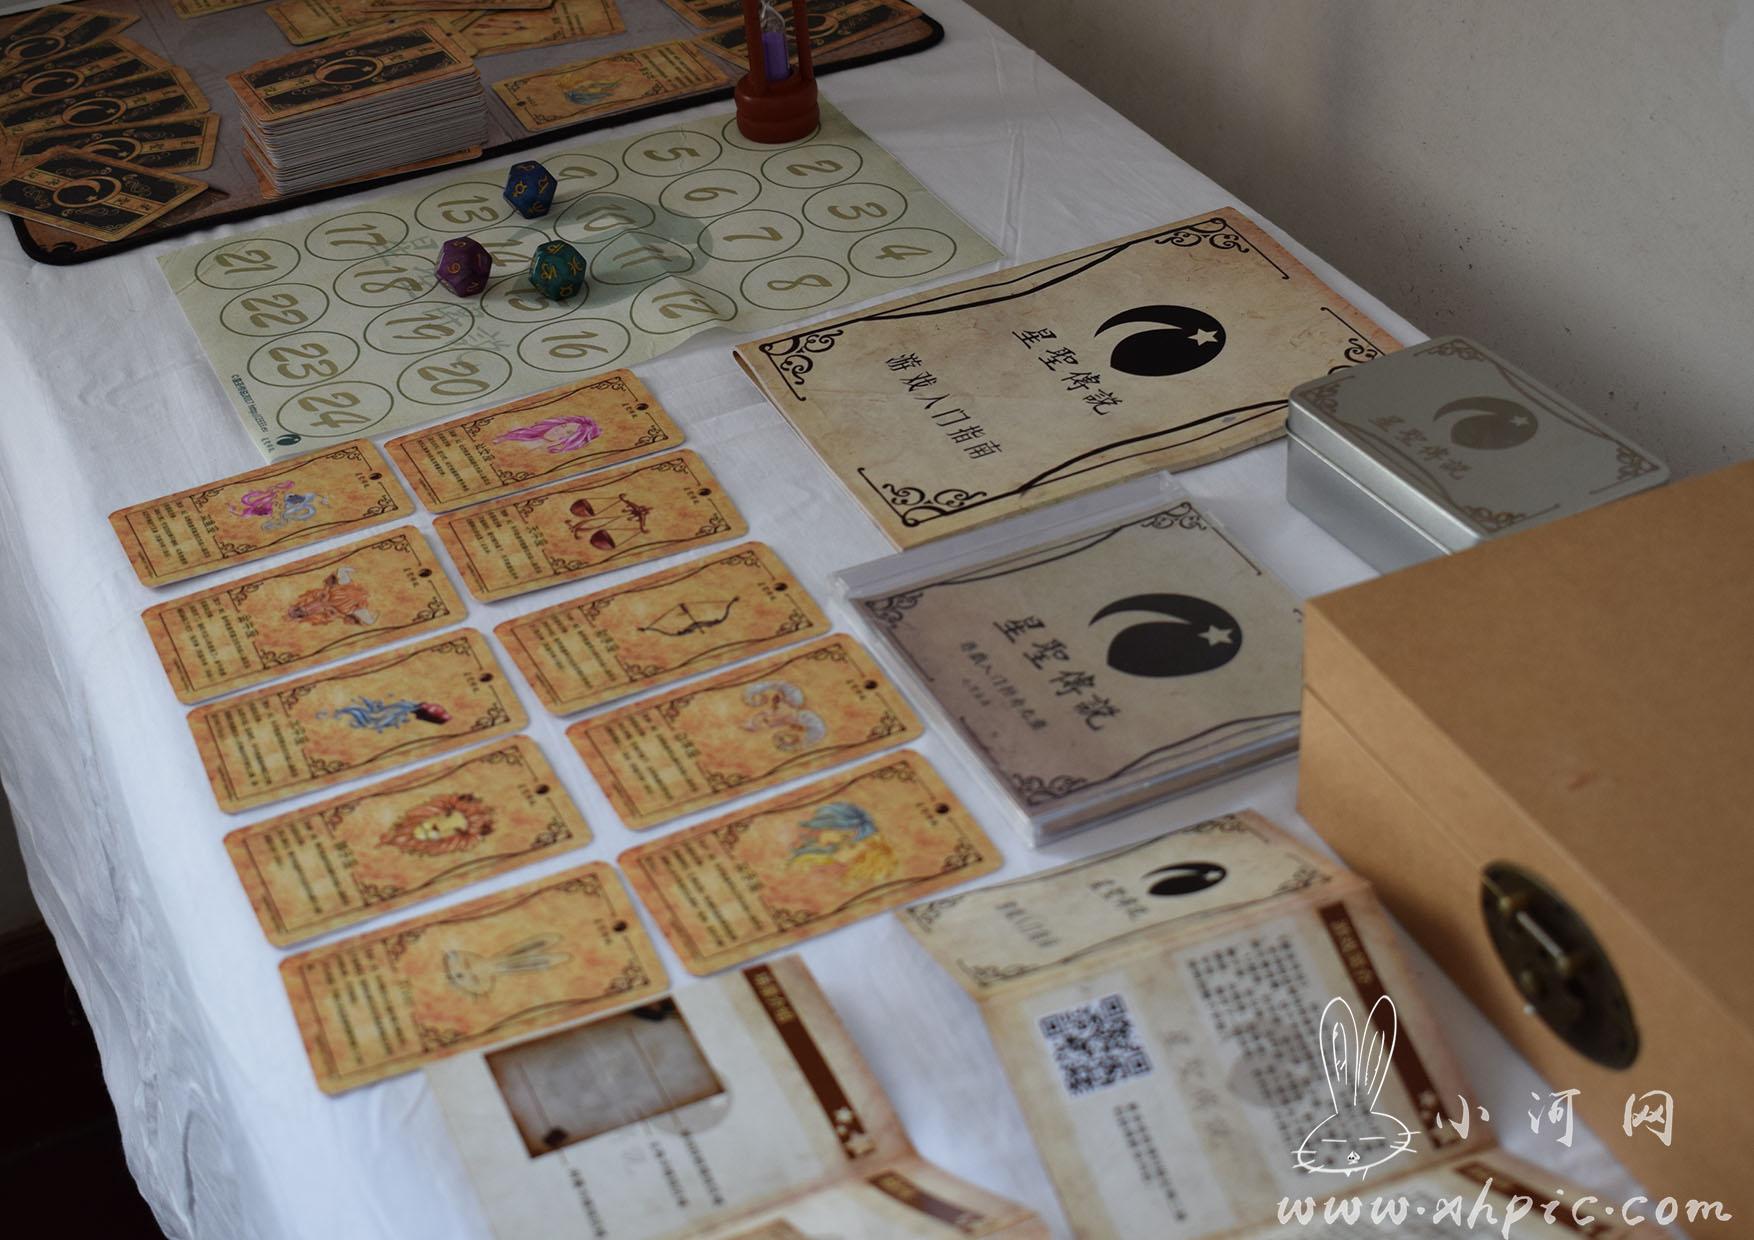 十二星座桌面卡牌游戏-星圣传说 个人作品 第6张